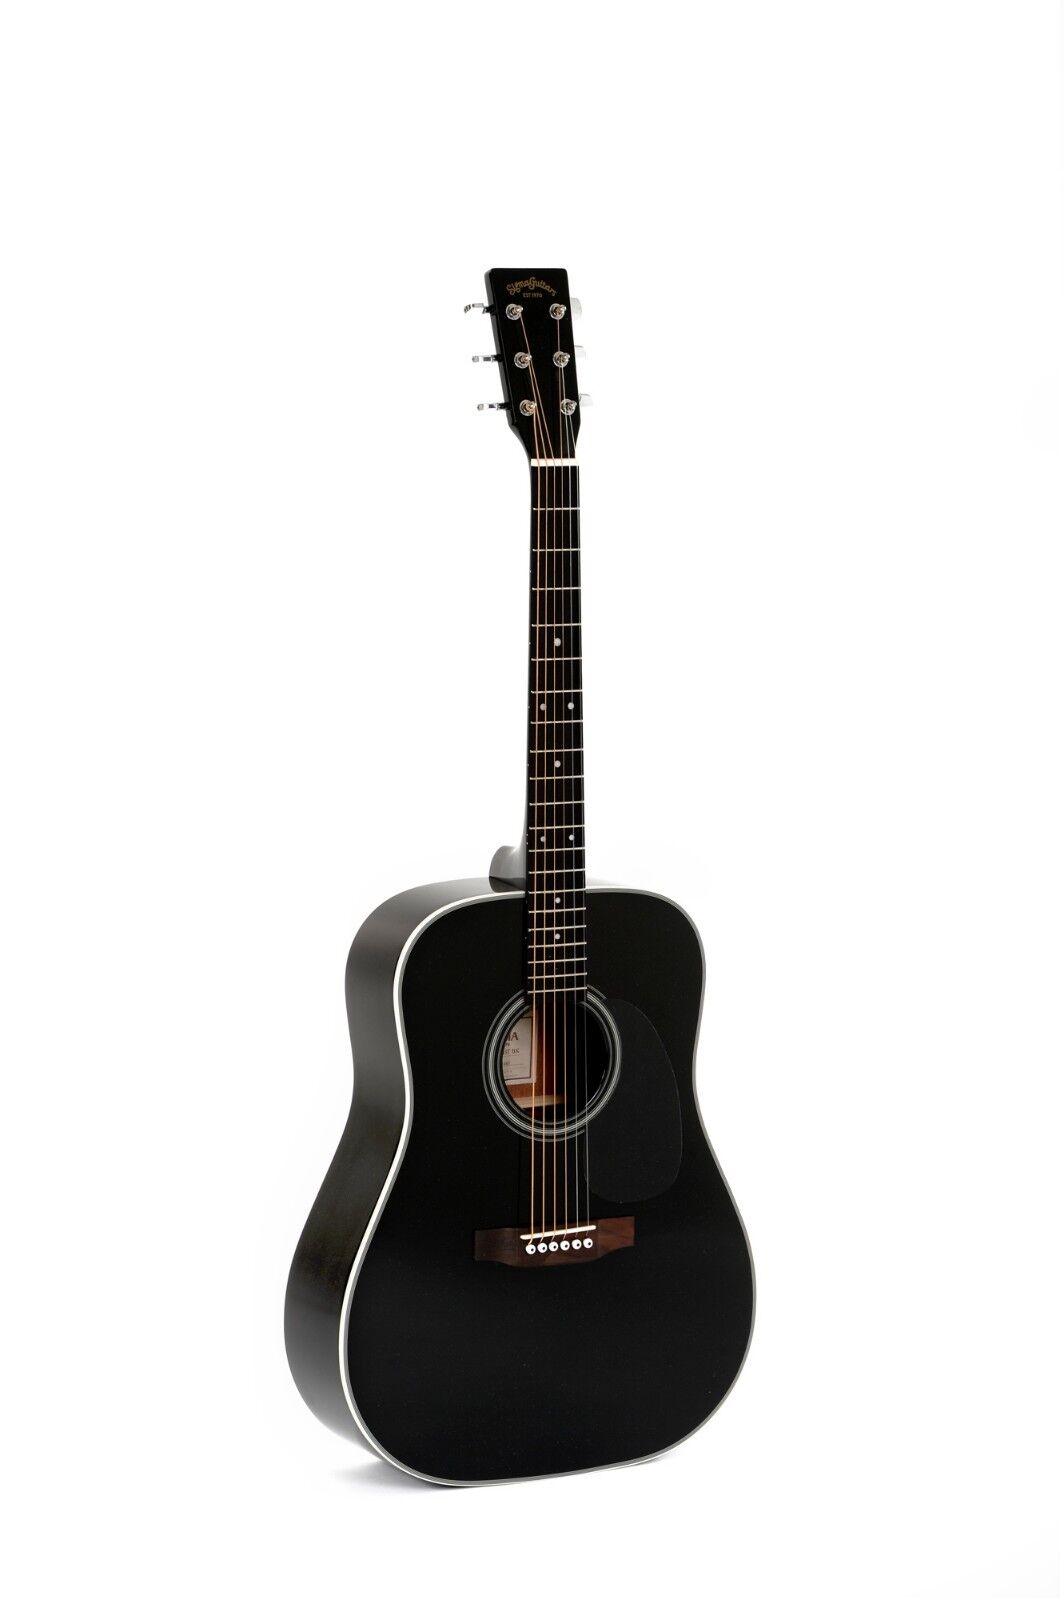 Sigma 1 Series Steel-Stringed Akustische Gitarre - DM 1ST BK Schwarze Oberfläche